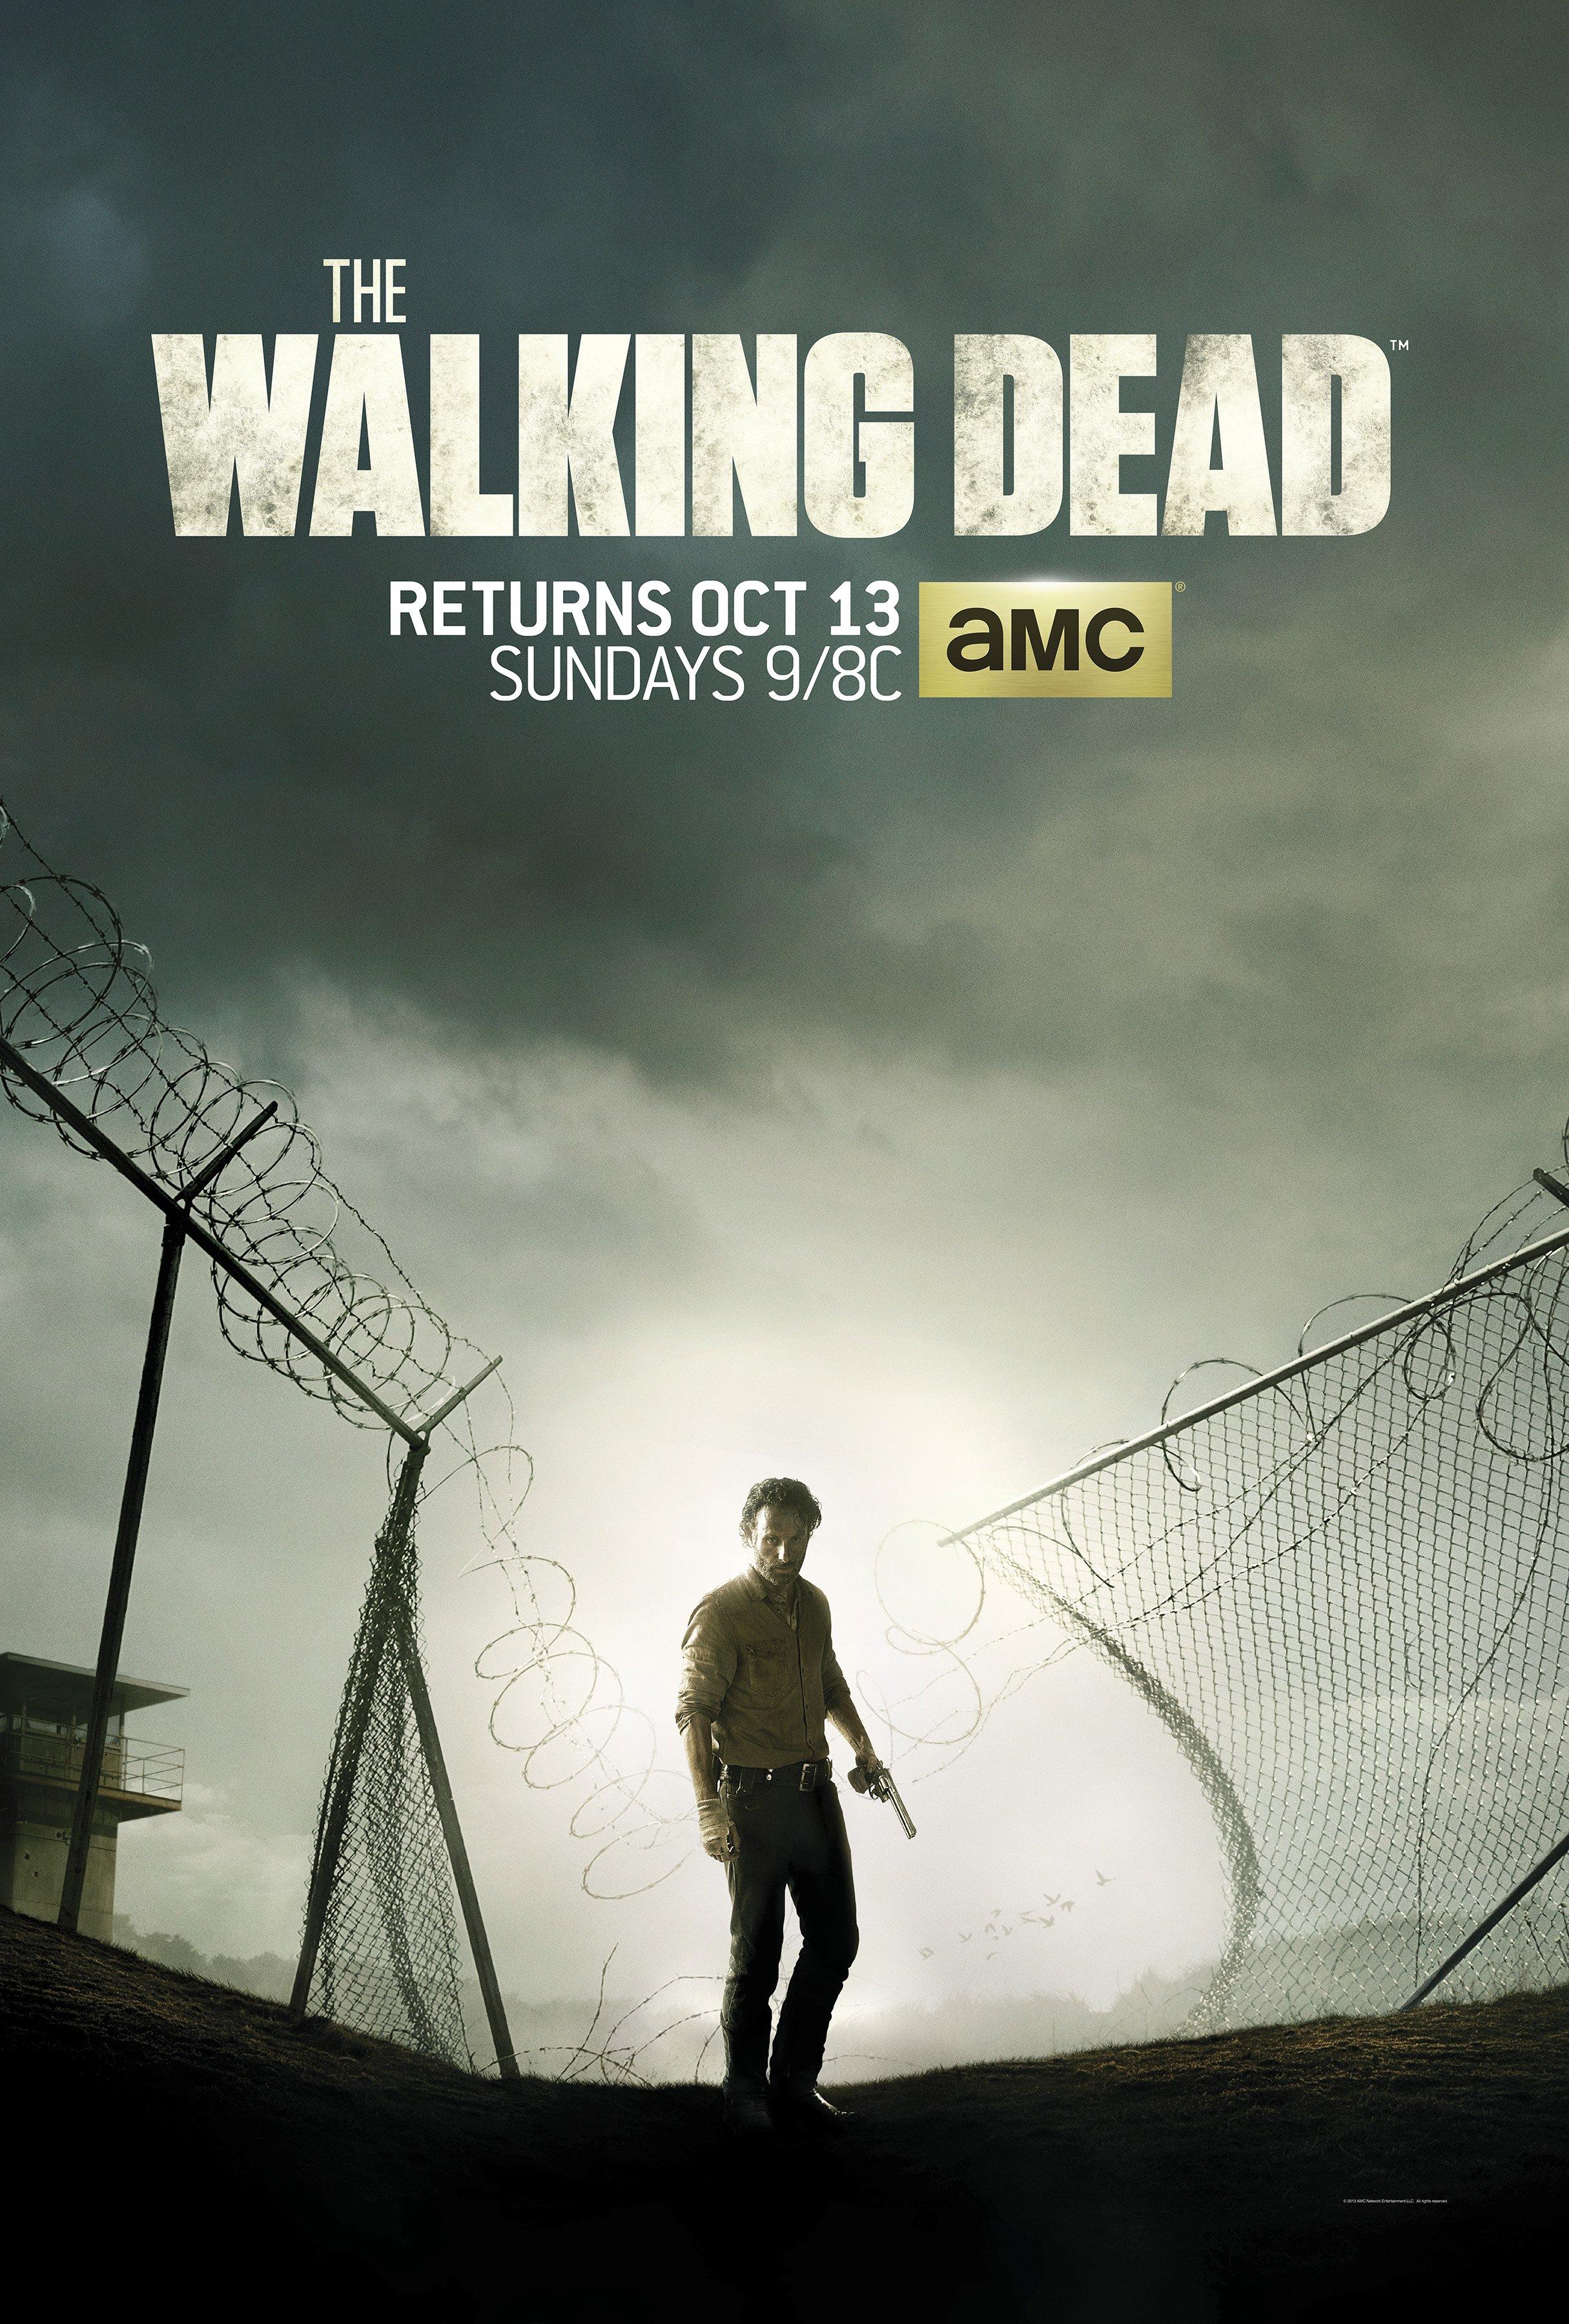 the walking dead season 4 guide